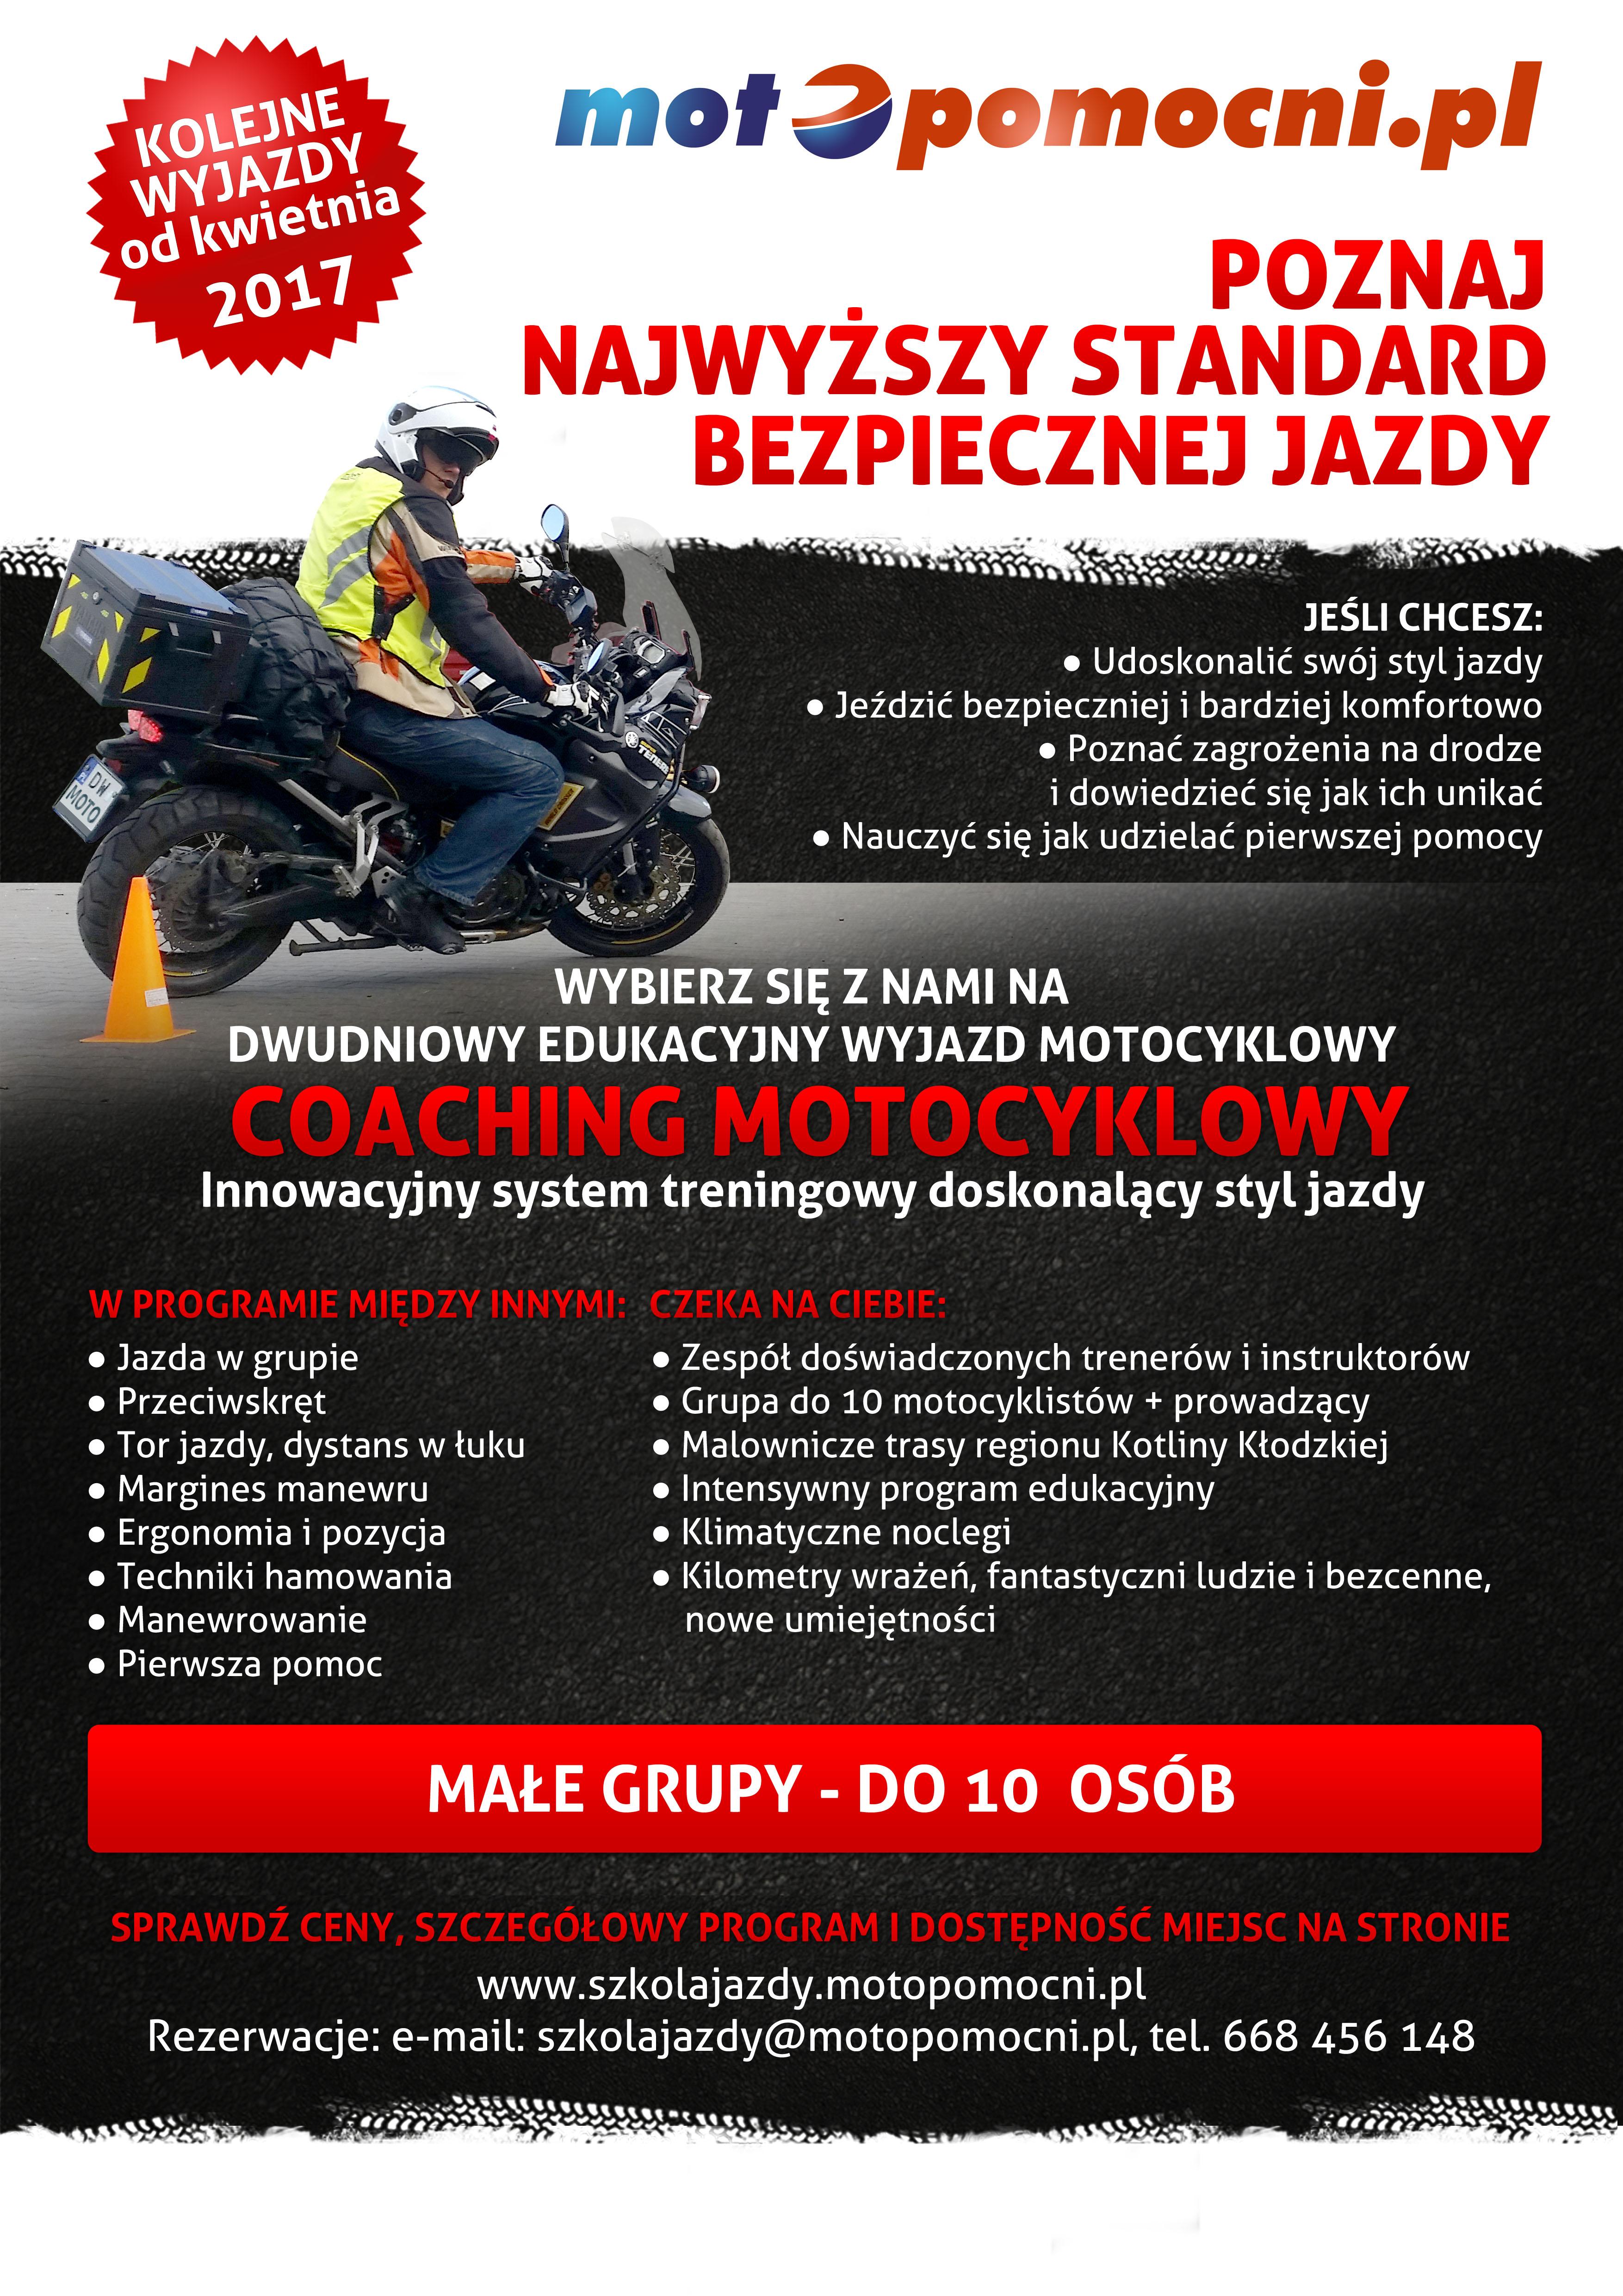 szkolenie_motocyklowe_kotlina_klodzka_plakat2017